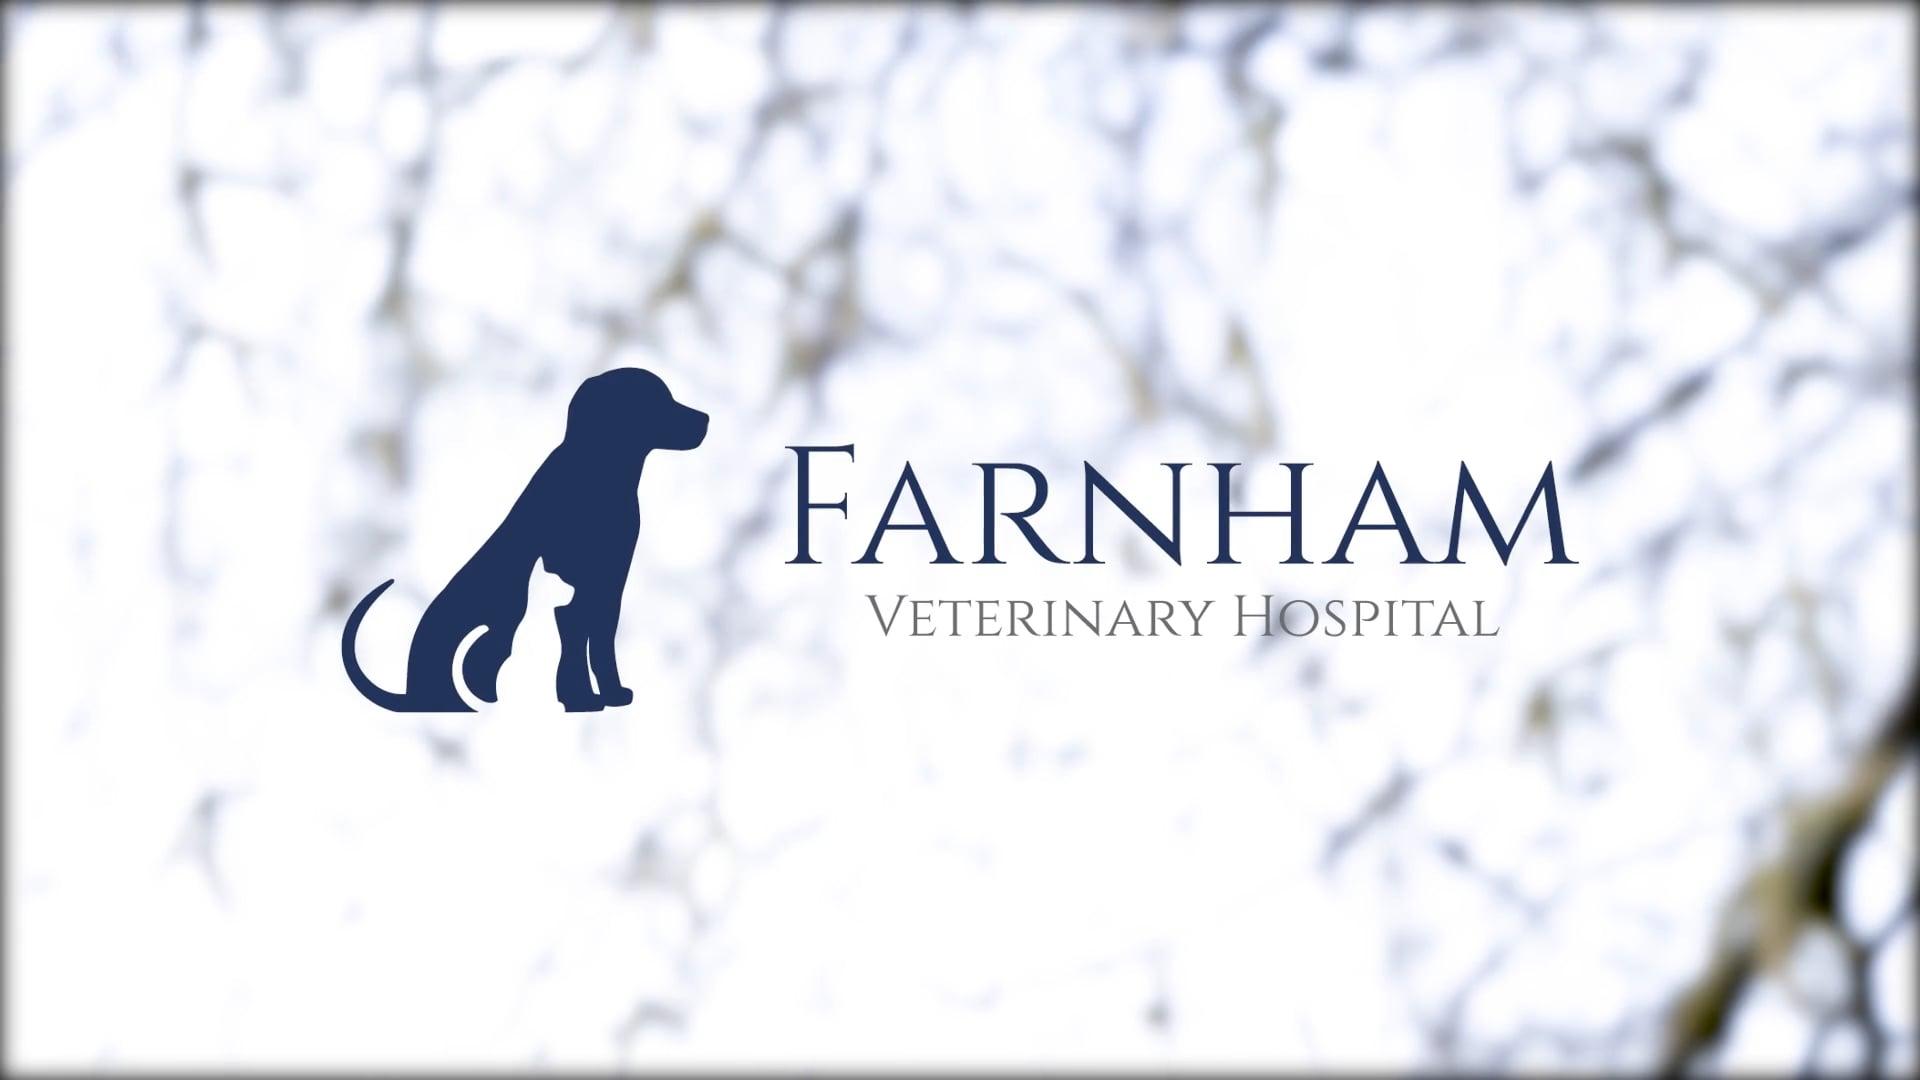 Farnham Veterinary Hospital - Opening